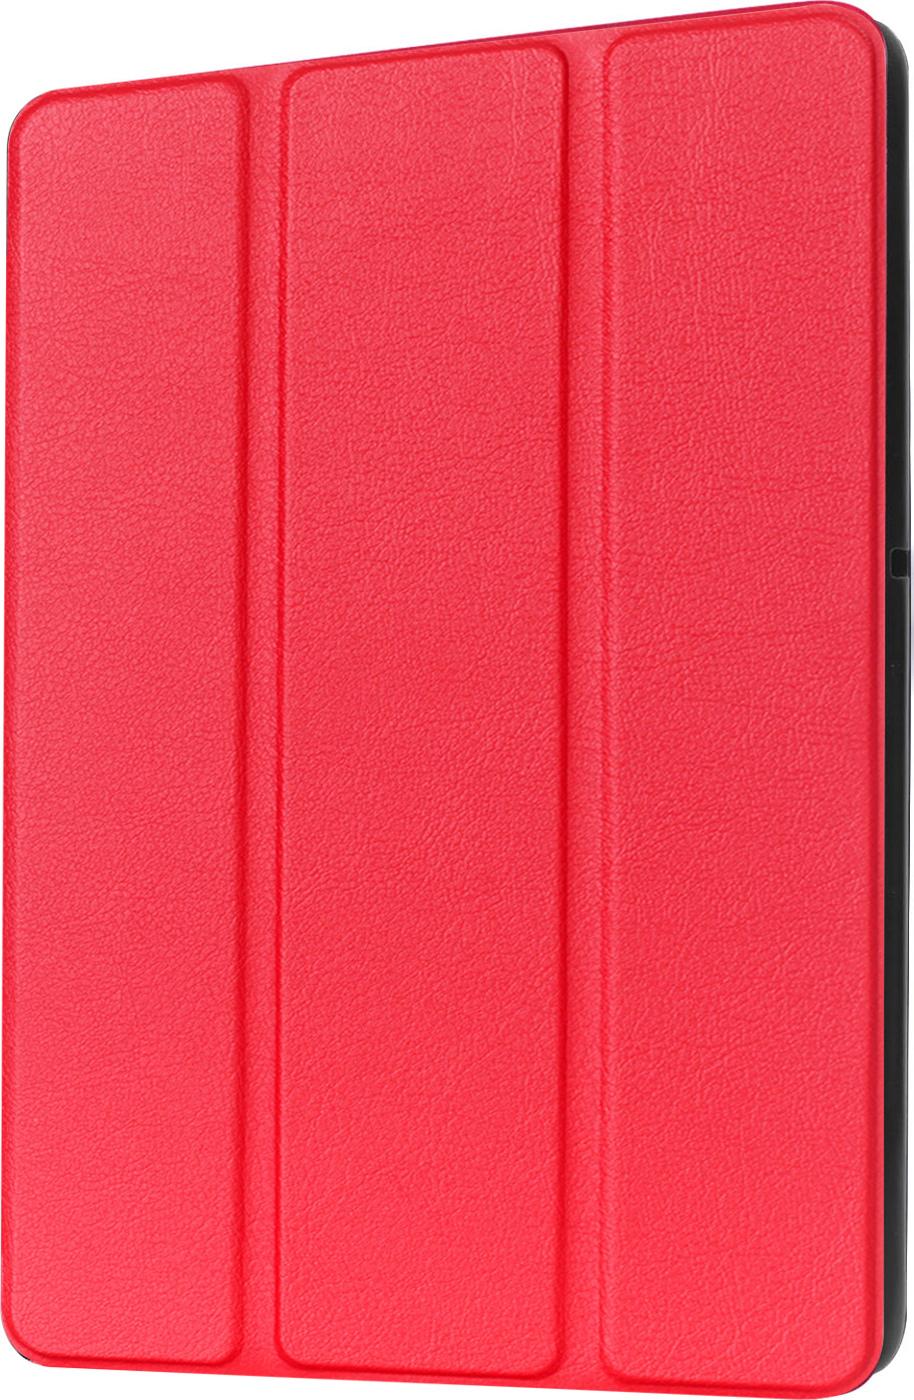 """Чехол-обложка MyPads для Acer Iconia Tab A3-A10/A3-A11 """"Il Sottile"""" тонкий умный кожаный на пластиковой основе с трансформацией в подставку красный 10 1 inch for acer iconia tab a3 a10 a3 a11 tablet black touch screen lcd display monitor repartment"""